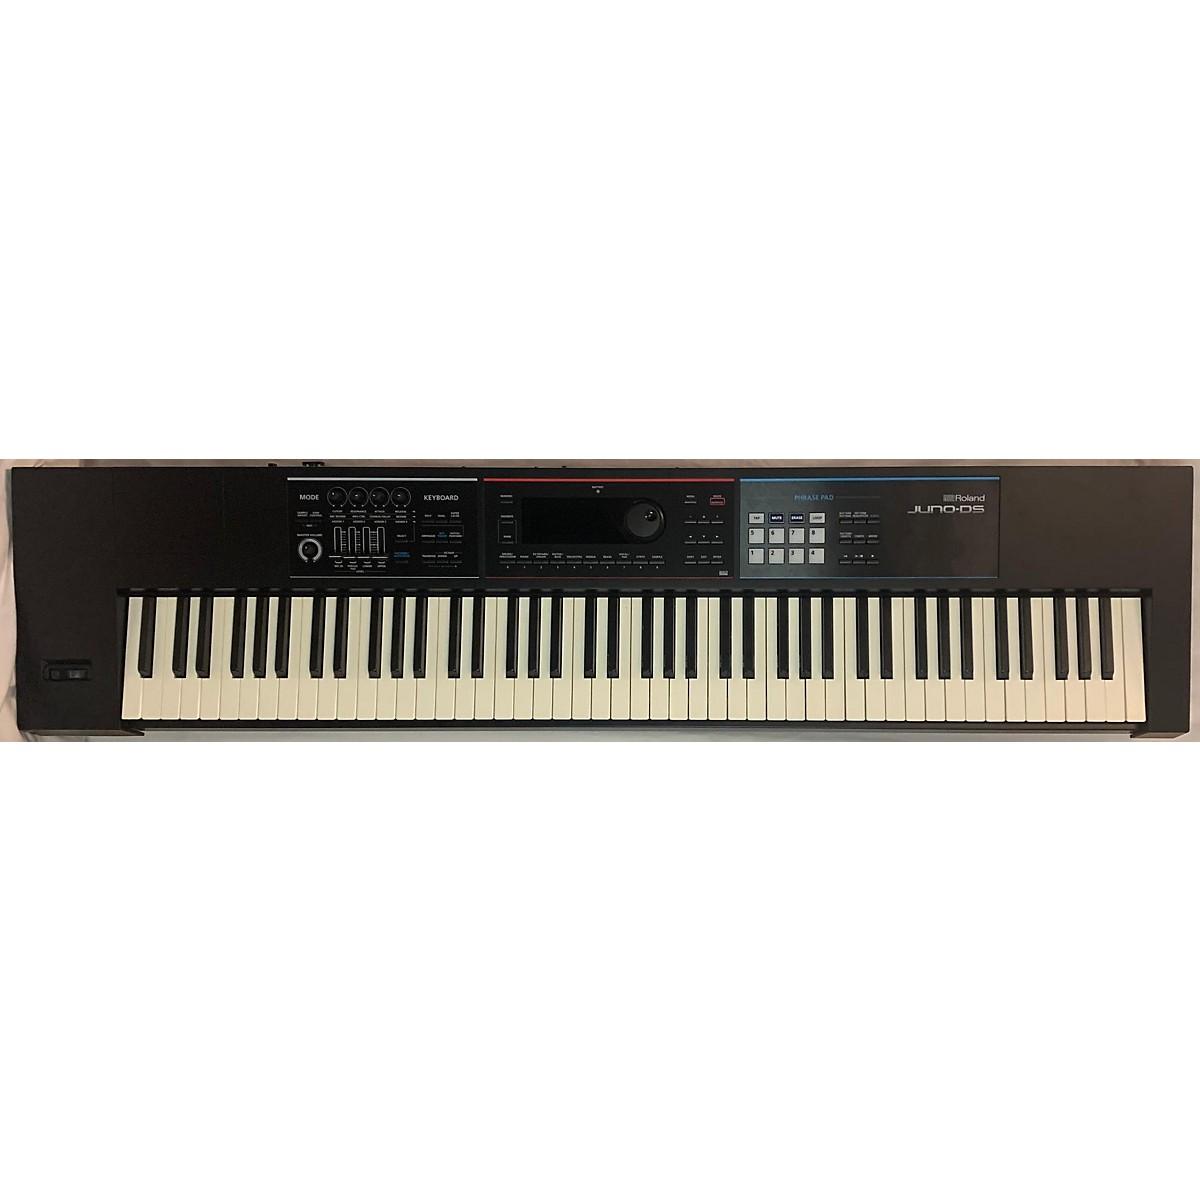 Roland Juno DS88 Keyboard Workstation